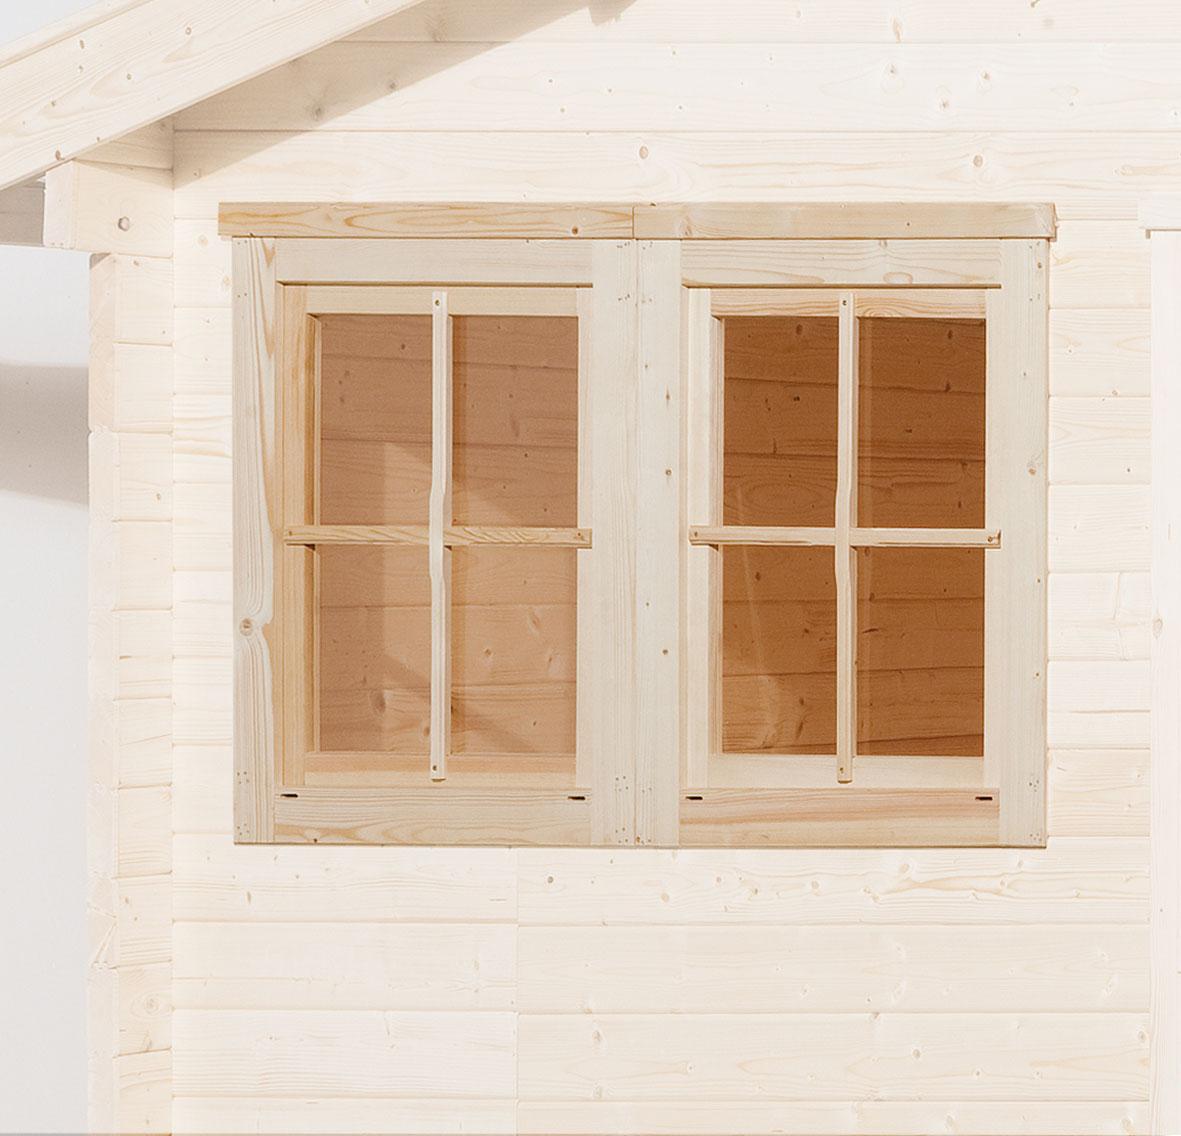 Gartenhausfenster für Wandstärke 45 mm 138x79cm Bild 1